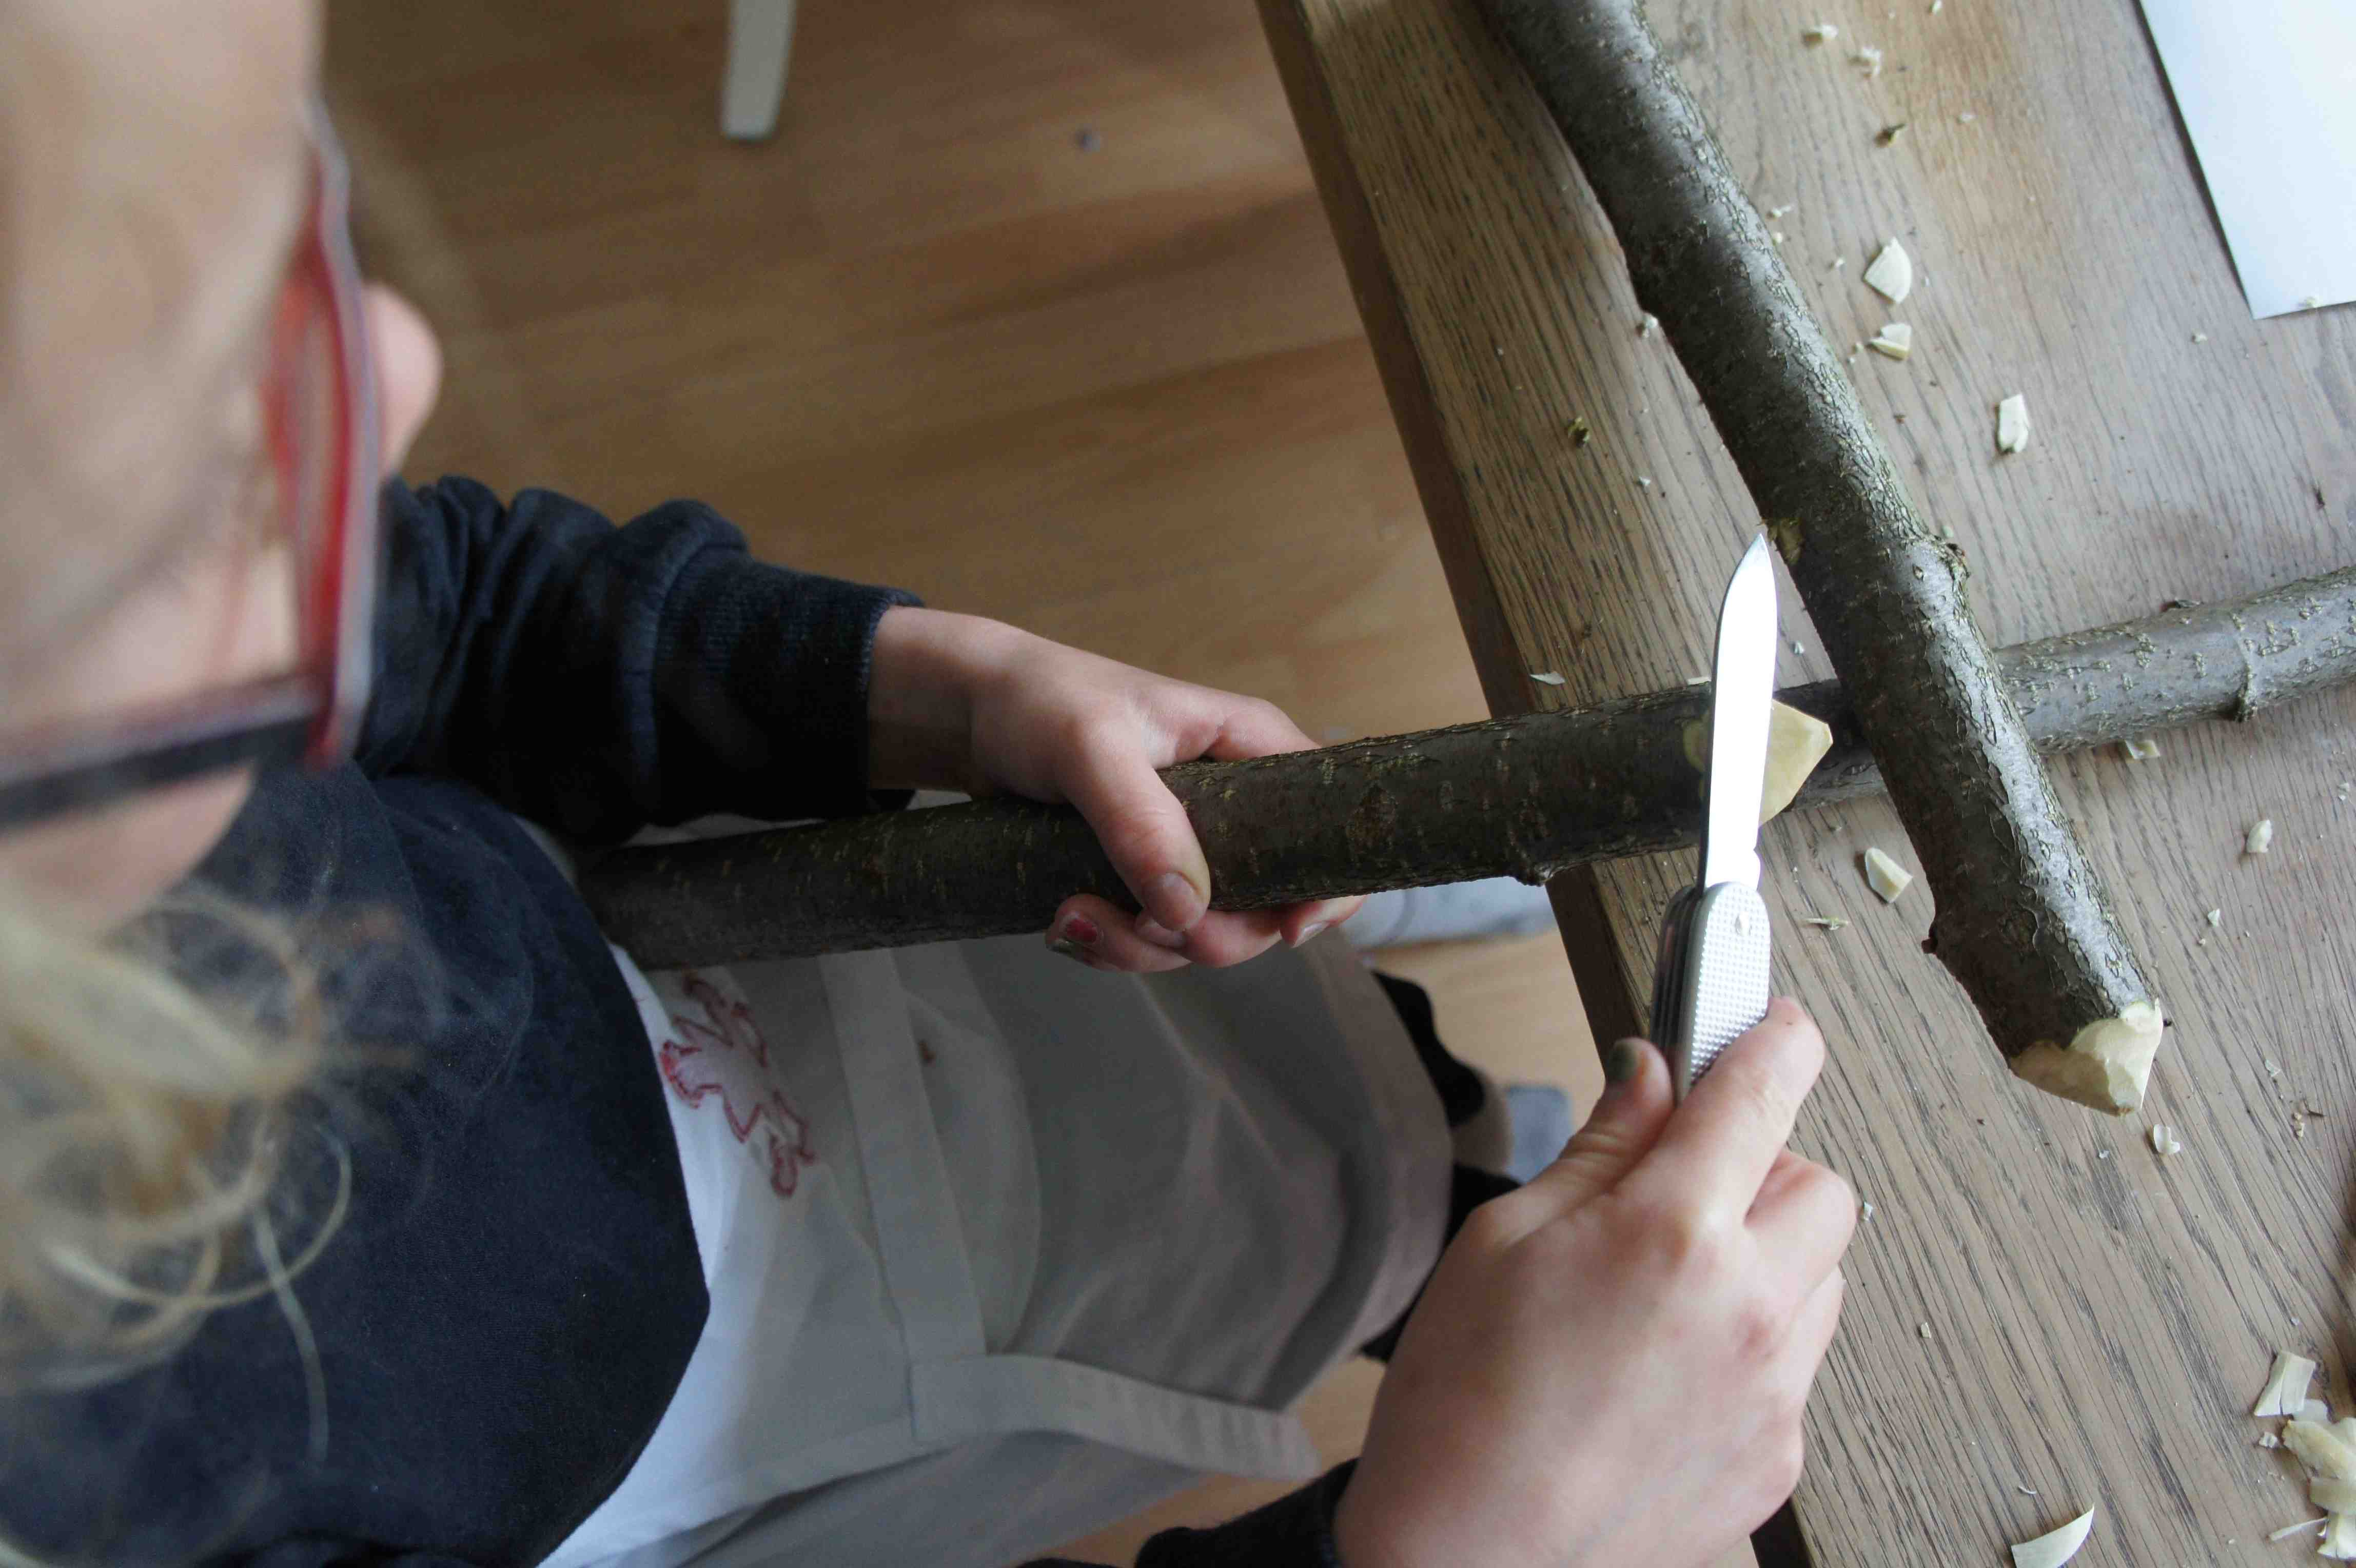 Hier entsteht ein Bootskörper. Mit dem Taschenmesser spitzt Ihr die beiden langen Äste an einem Ende an. Foto: (c) Kinderoutdoor.de